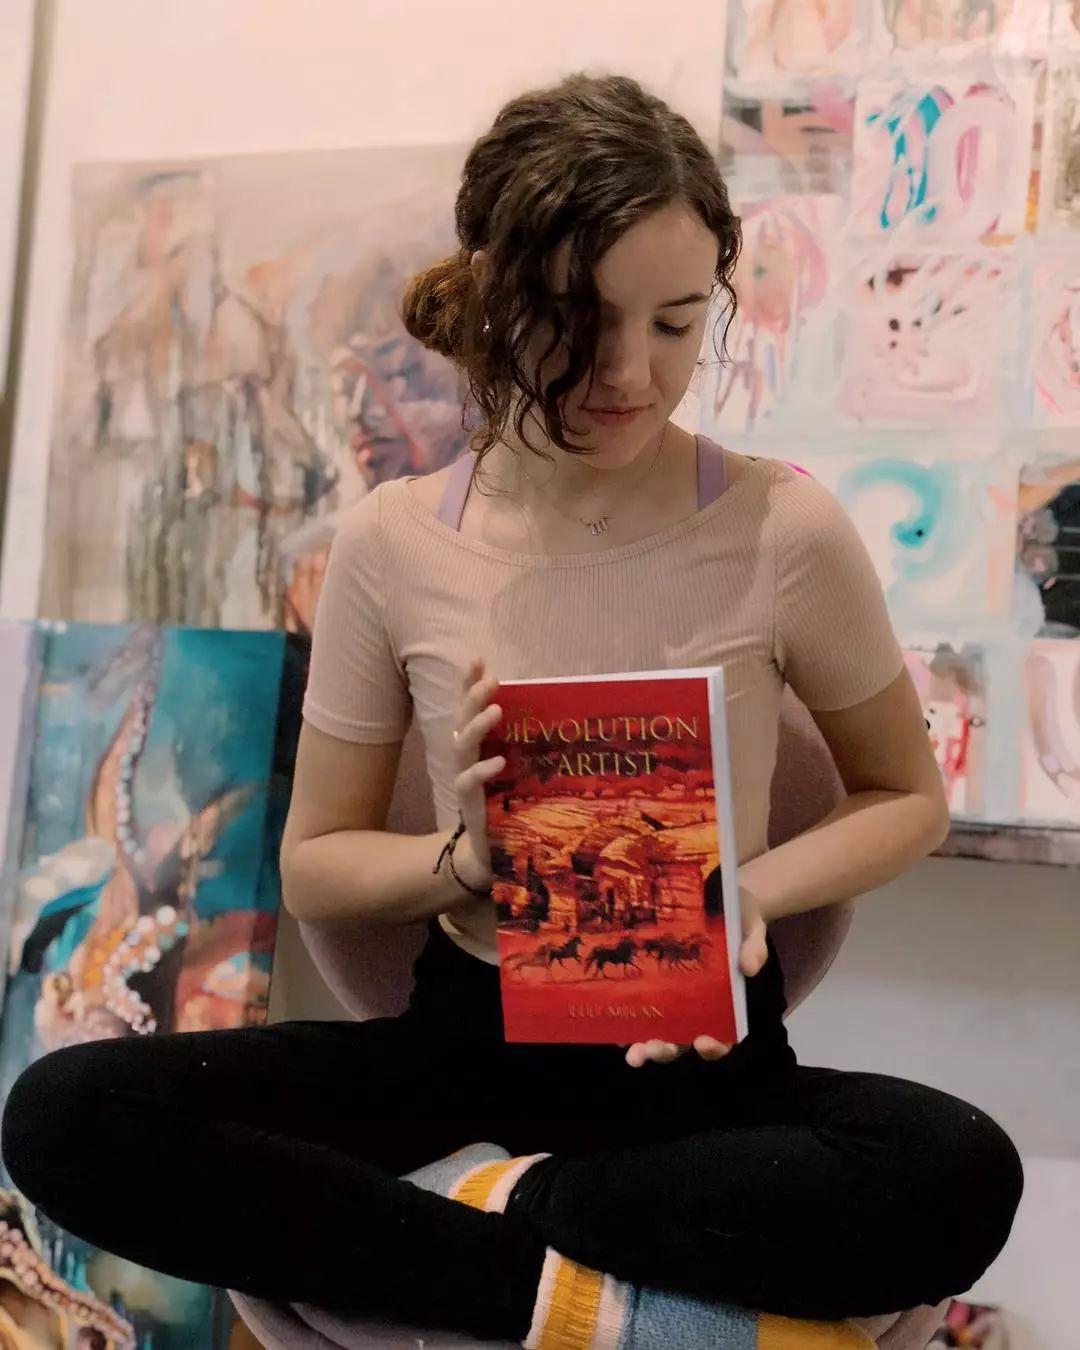 12岁开始画画 16岁就卖画赚100万——希腊小画家Dimitra Milan插图71